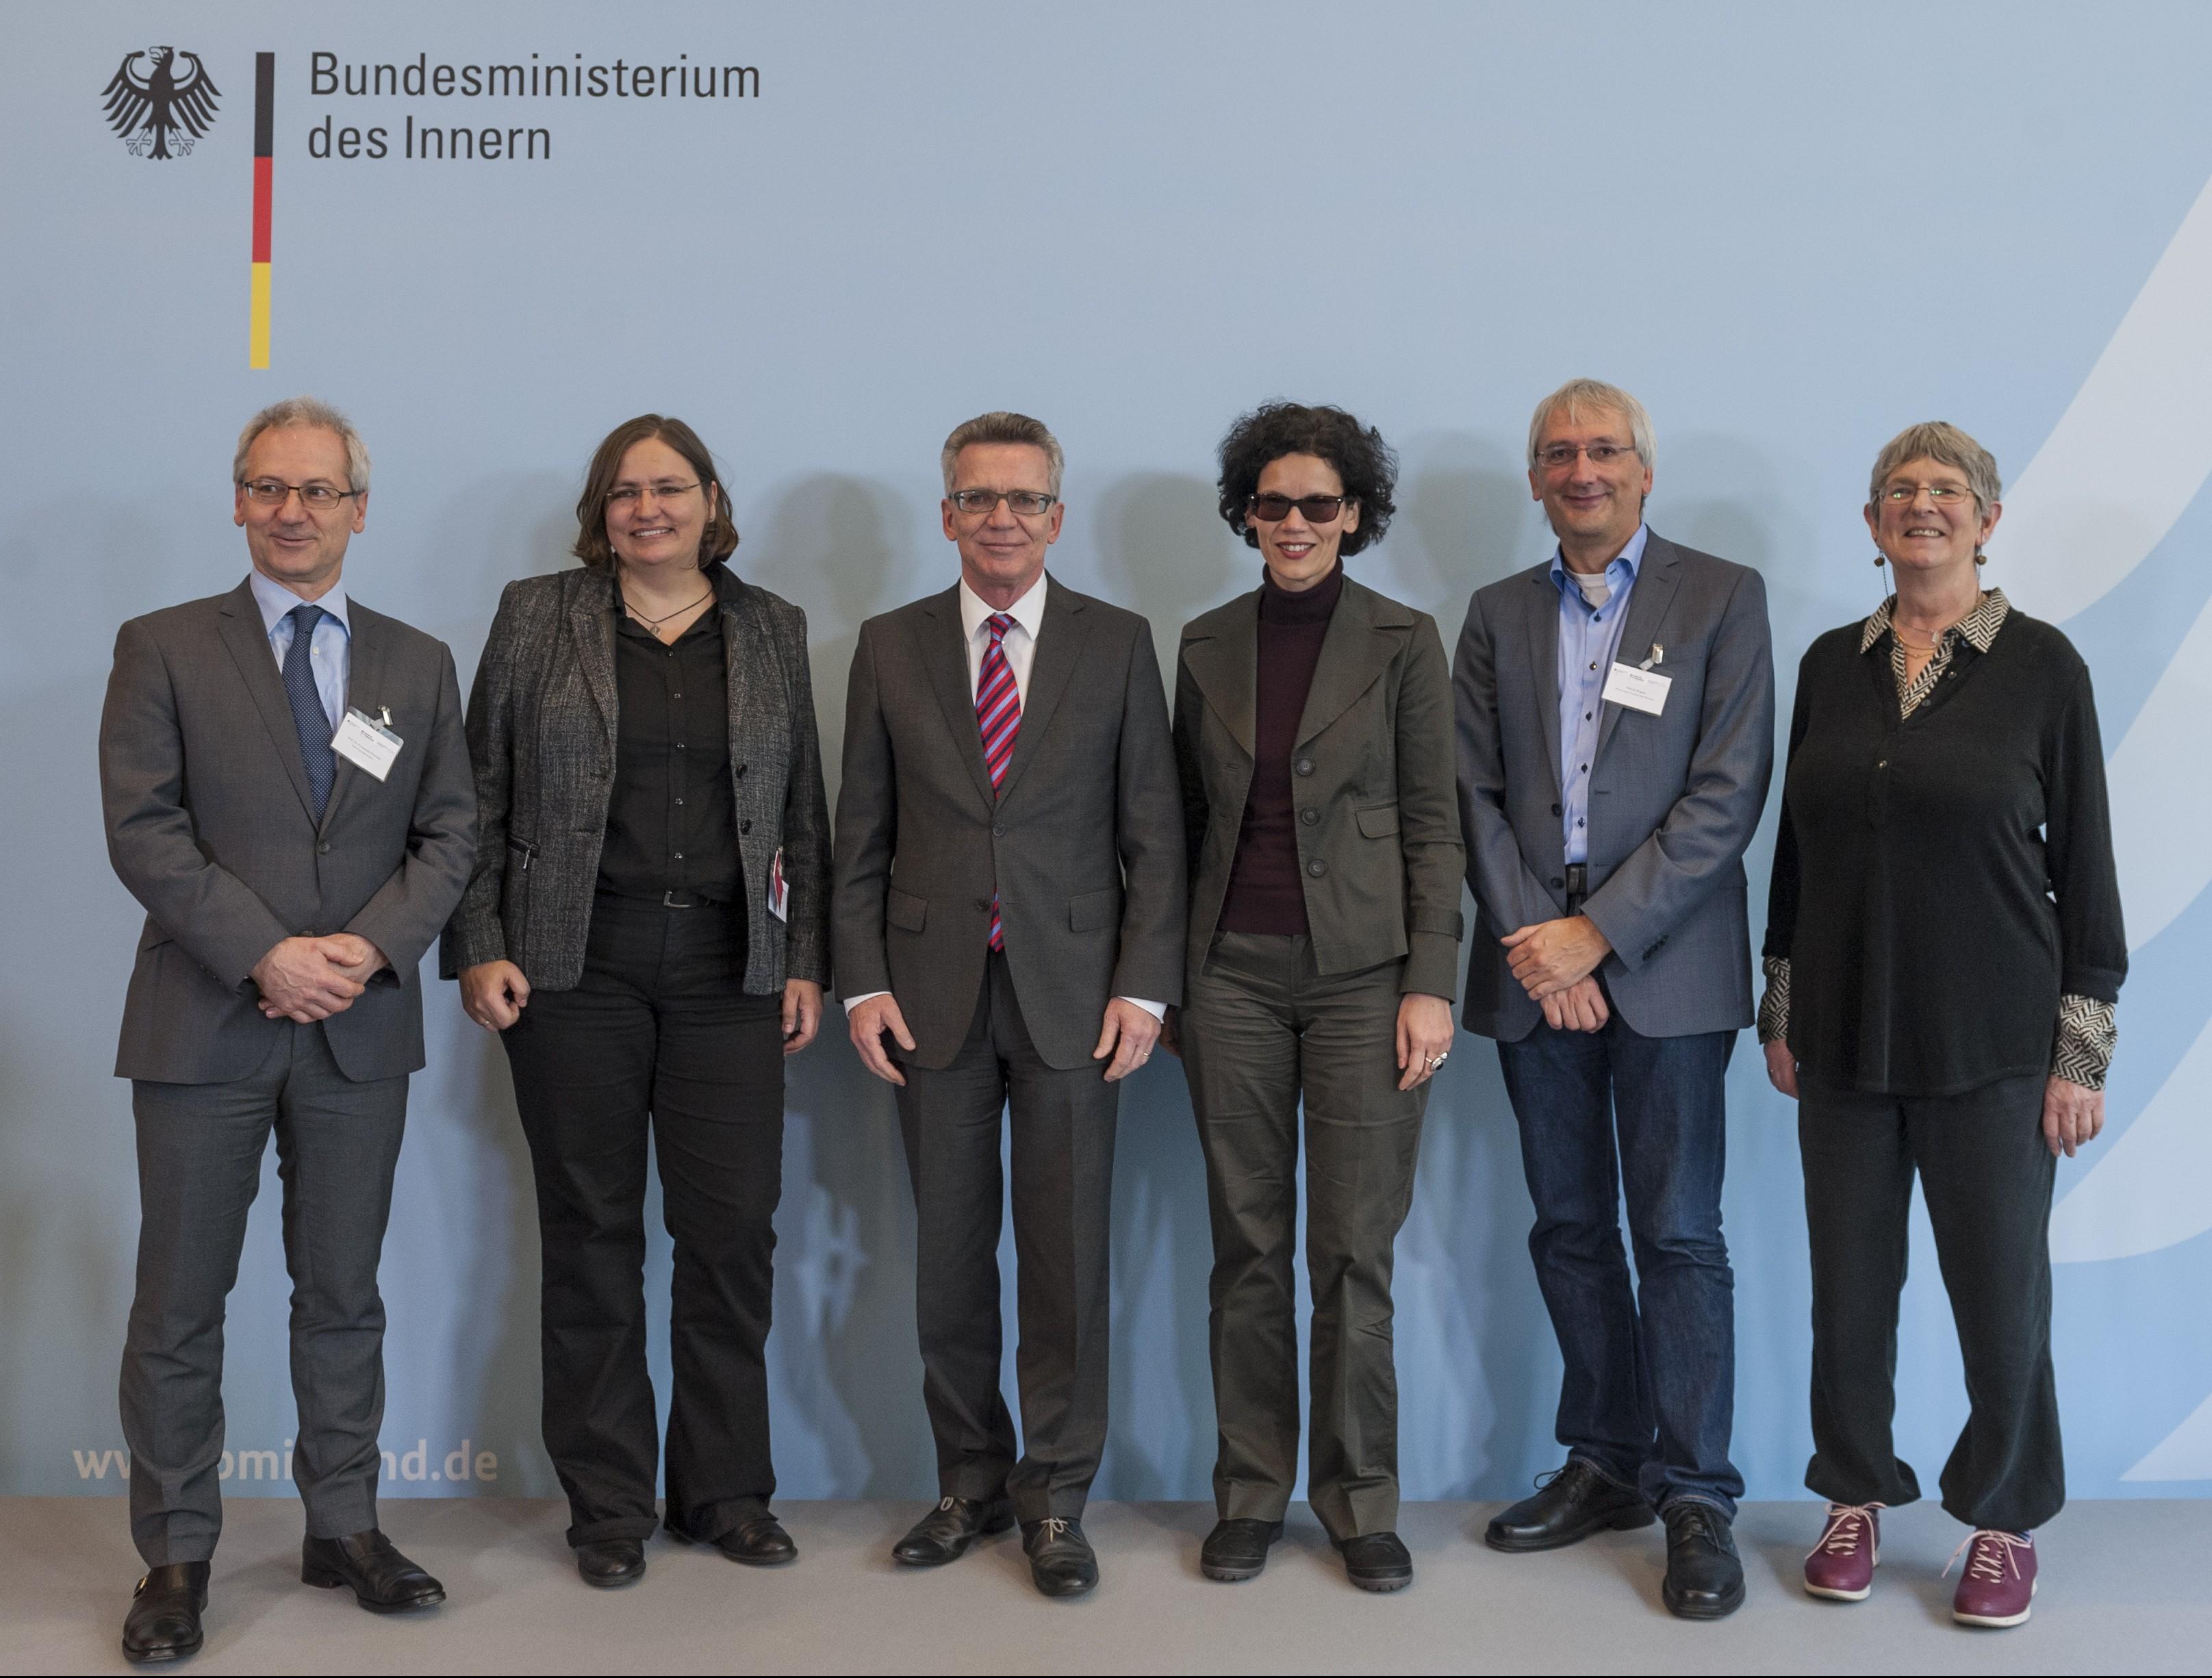 Bundesinnenminister Thomas de Maizière mit dem wissenschaftlichen Beirat bei der Fachtagung im BMI